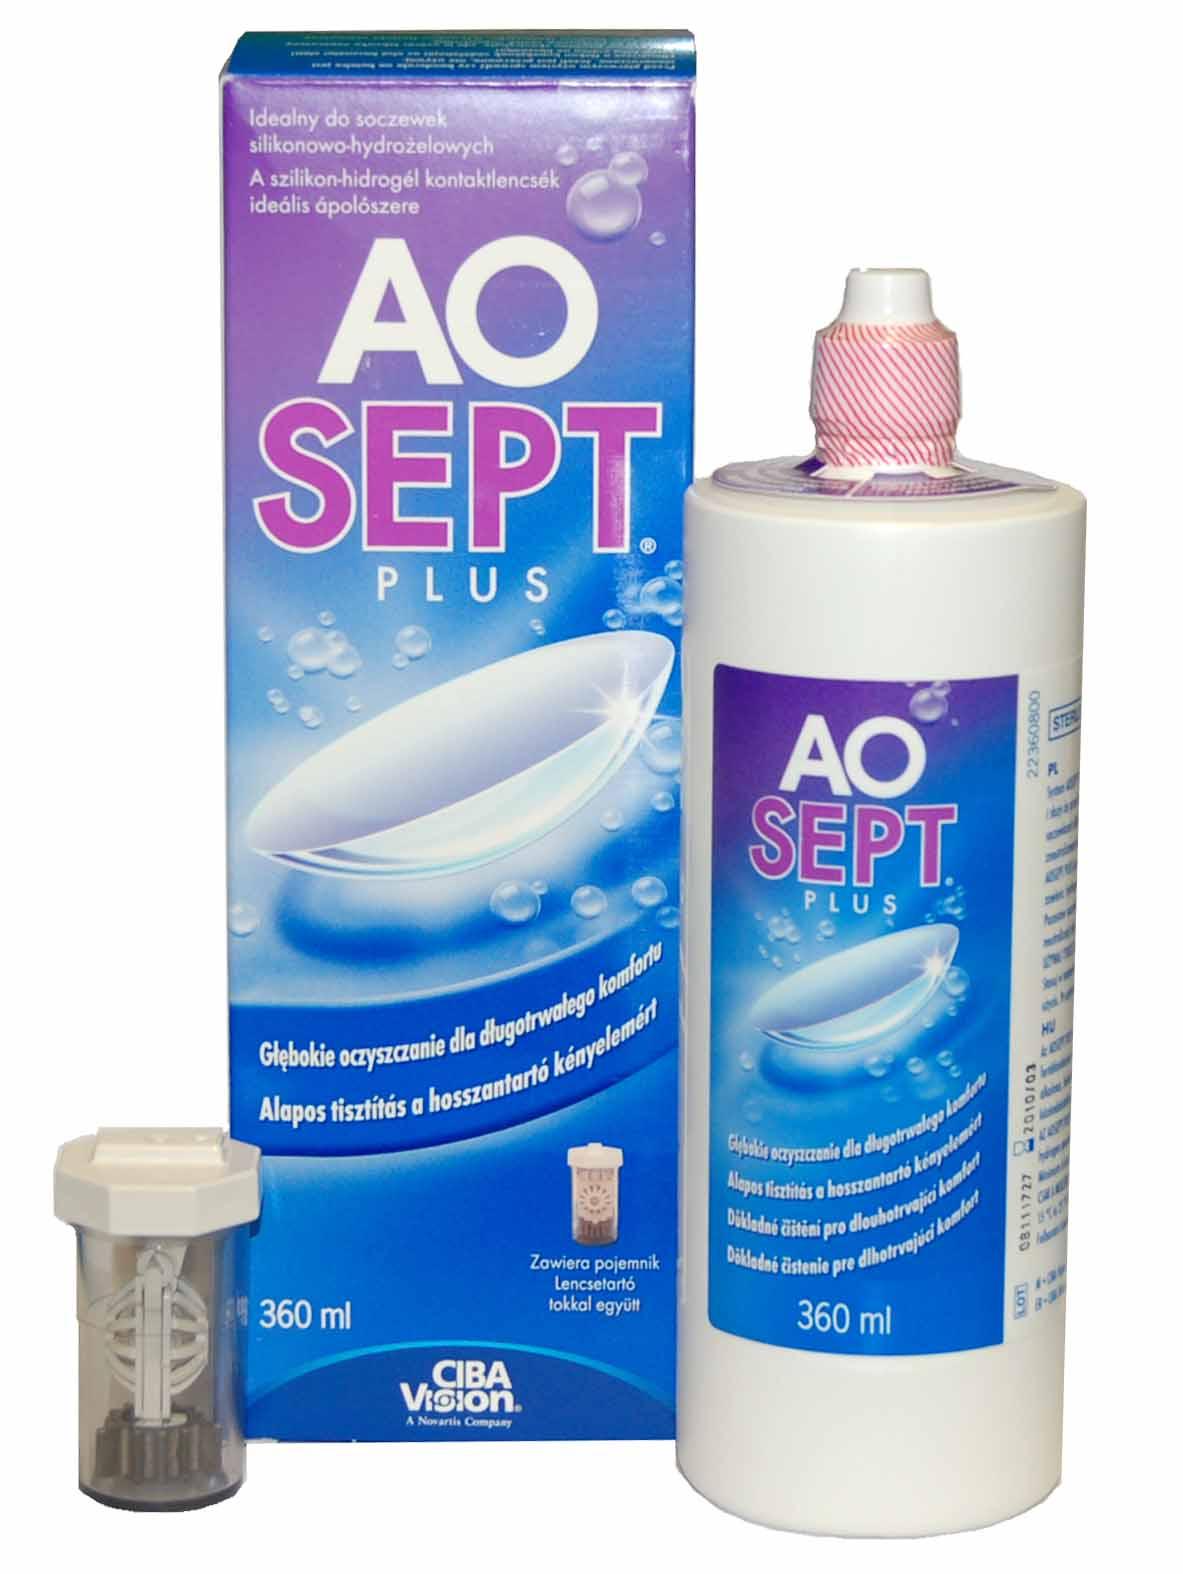 Solutie intretinere lentile de contact AO Sept Plus 360 ml + suport lentile cadou